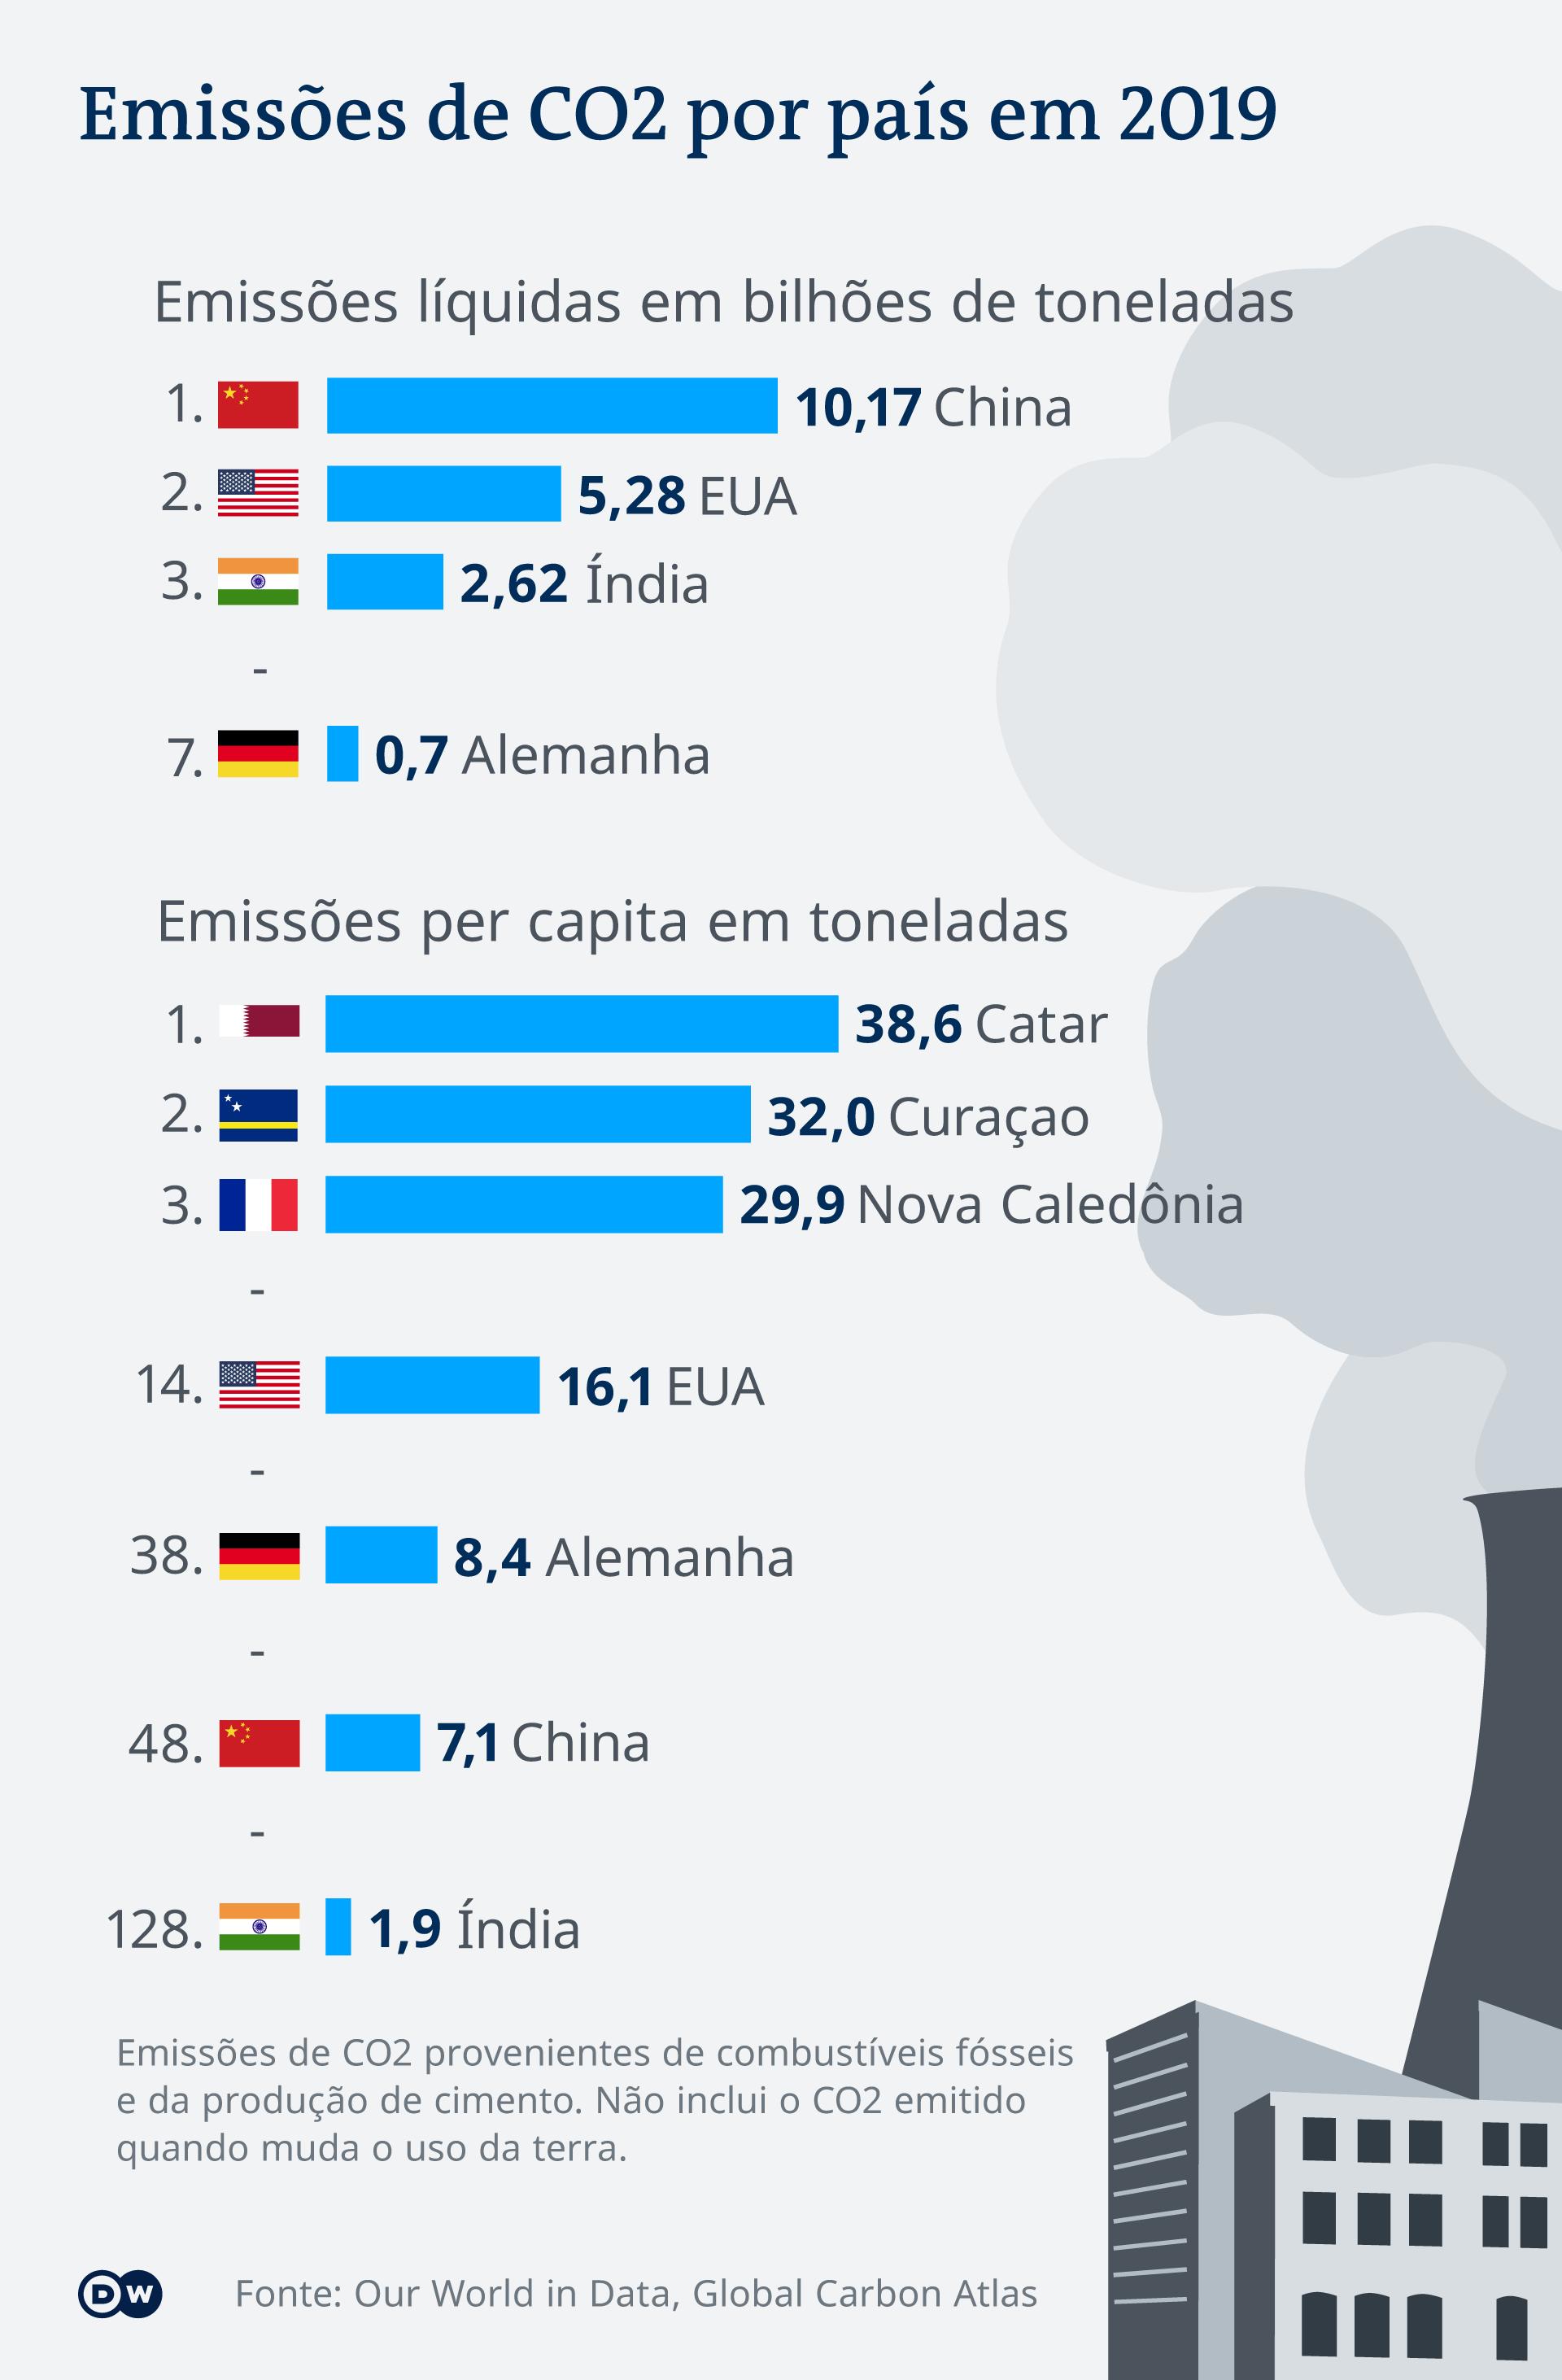 Emissões de CO2 por país em 2019